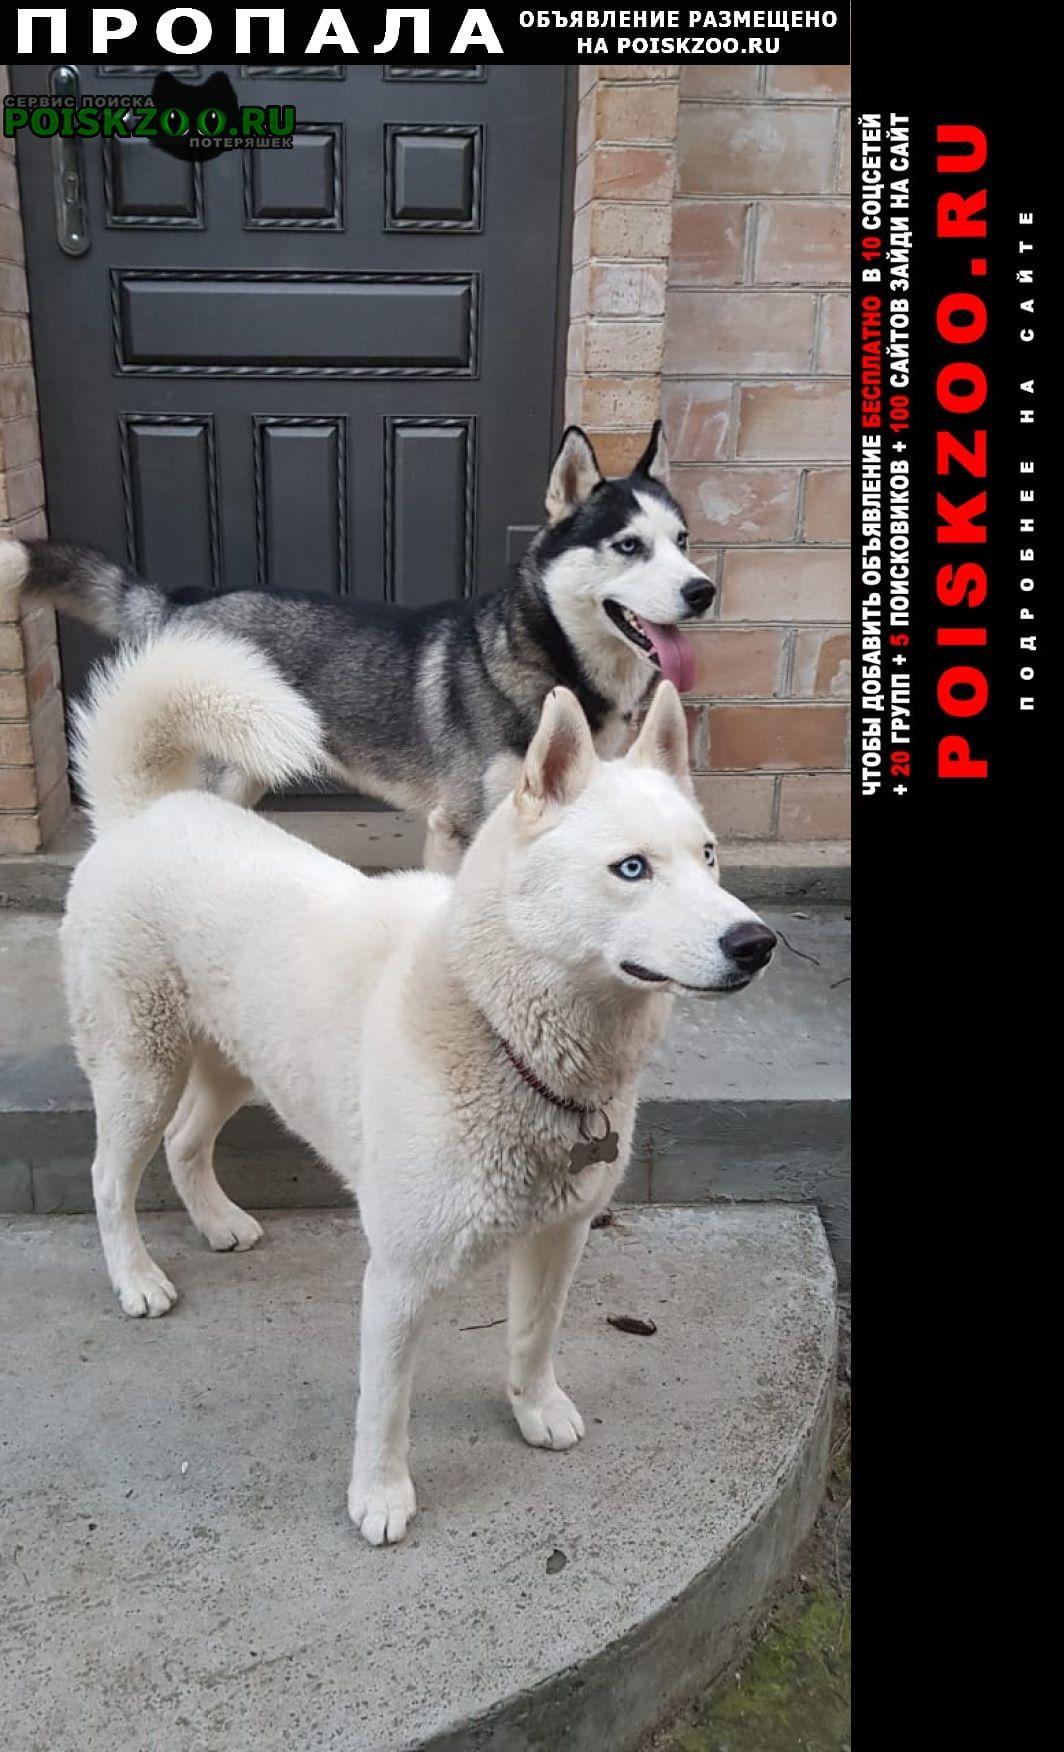 Пропала собака кобель пара собак Кисловодск